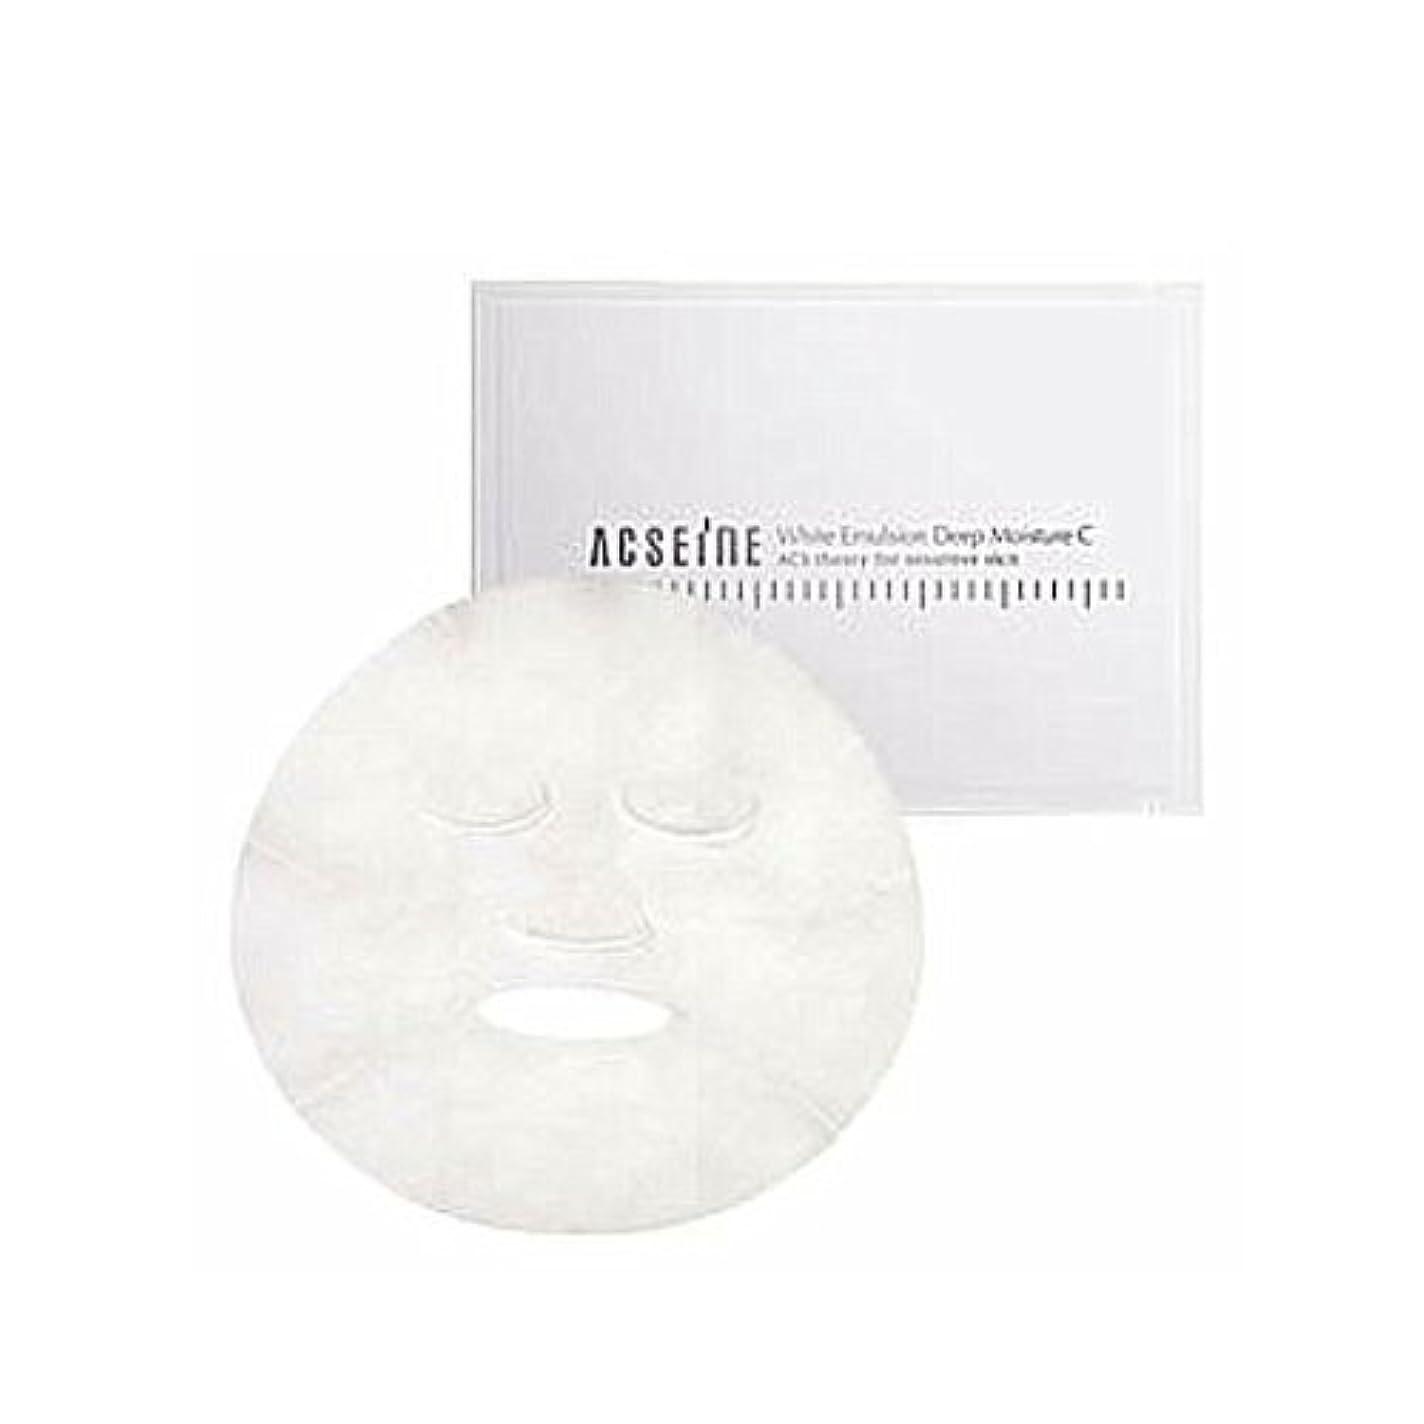 におい下線最初アクセーヌ ホワイト エマルジョン ディープモイスチュア Cマスク 22mL×8枚入